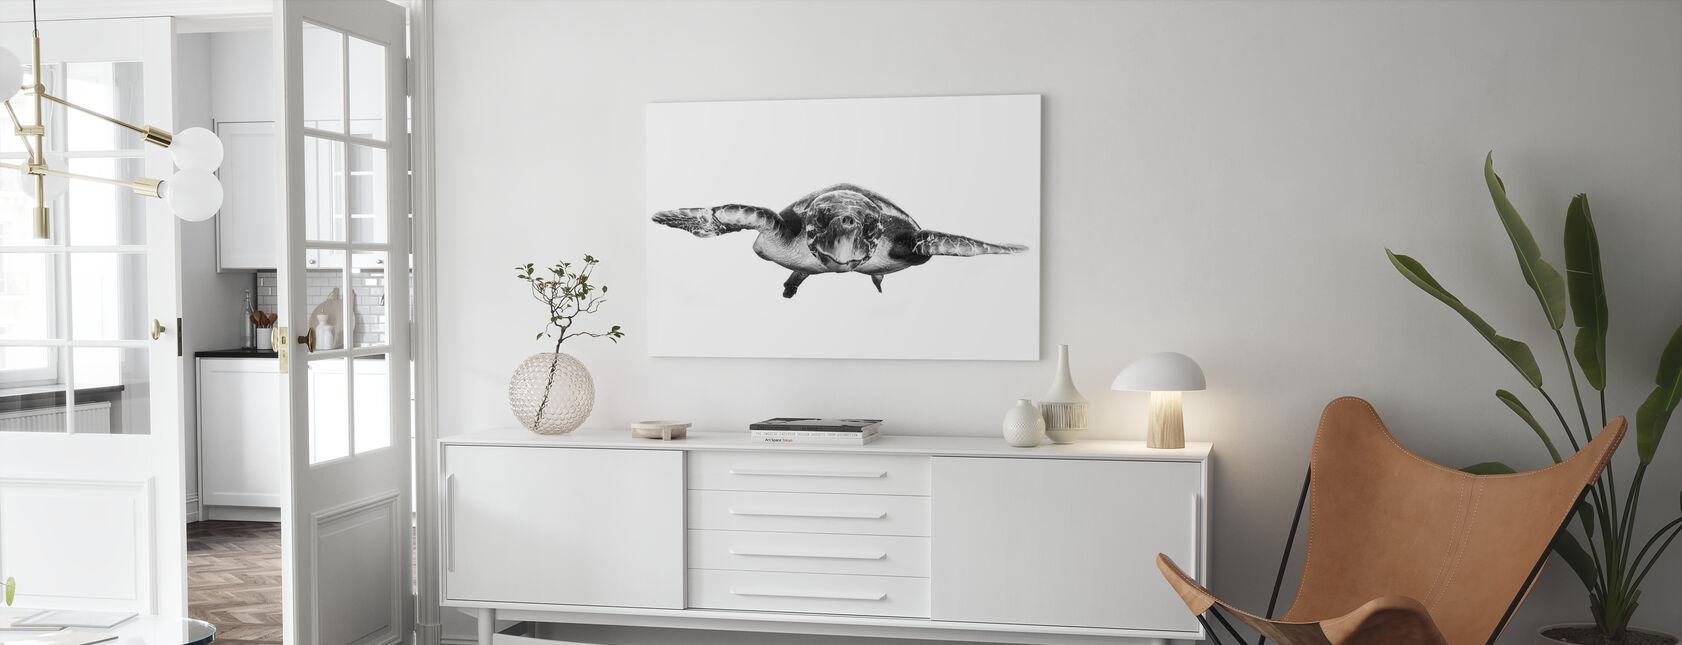 Valkoinen ja Kilpikonna - Canvastaulu - Olohuone